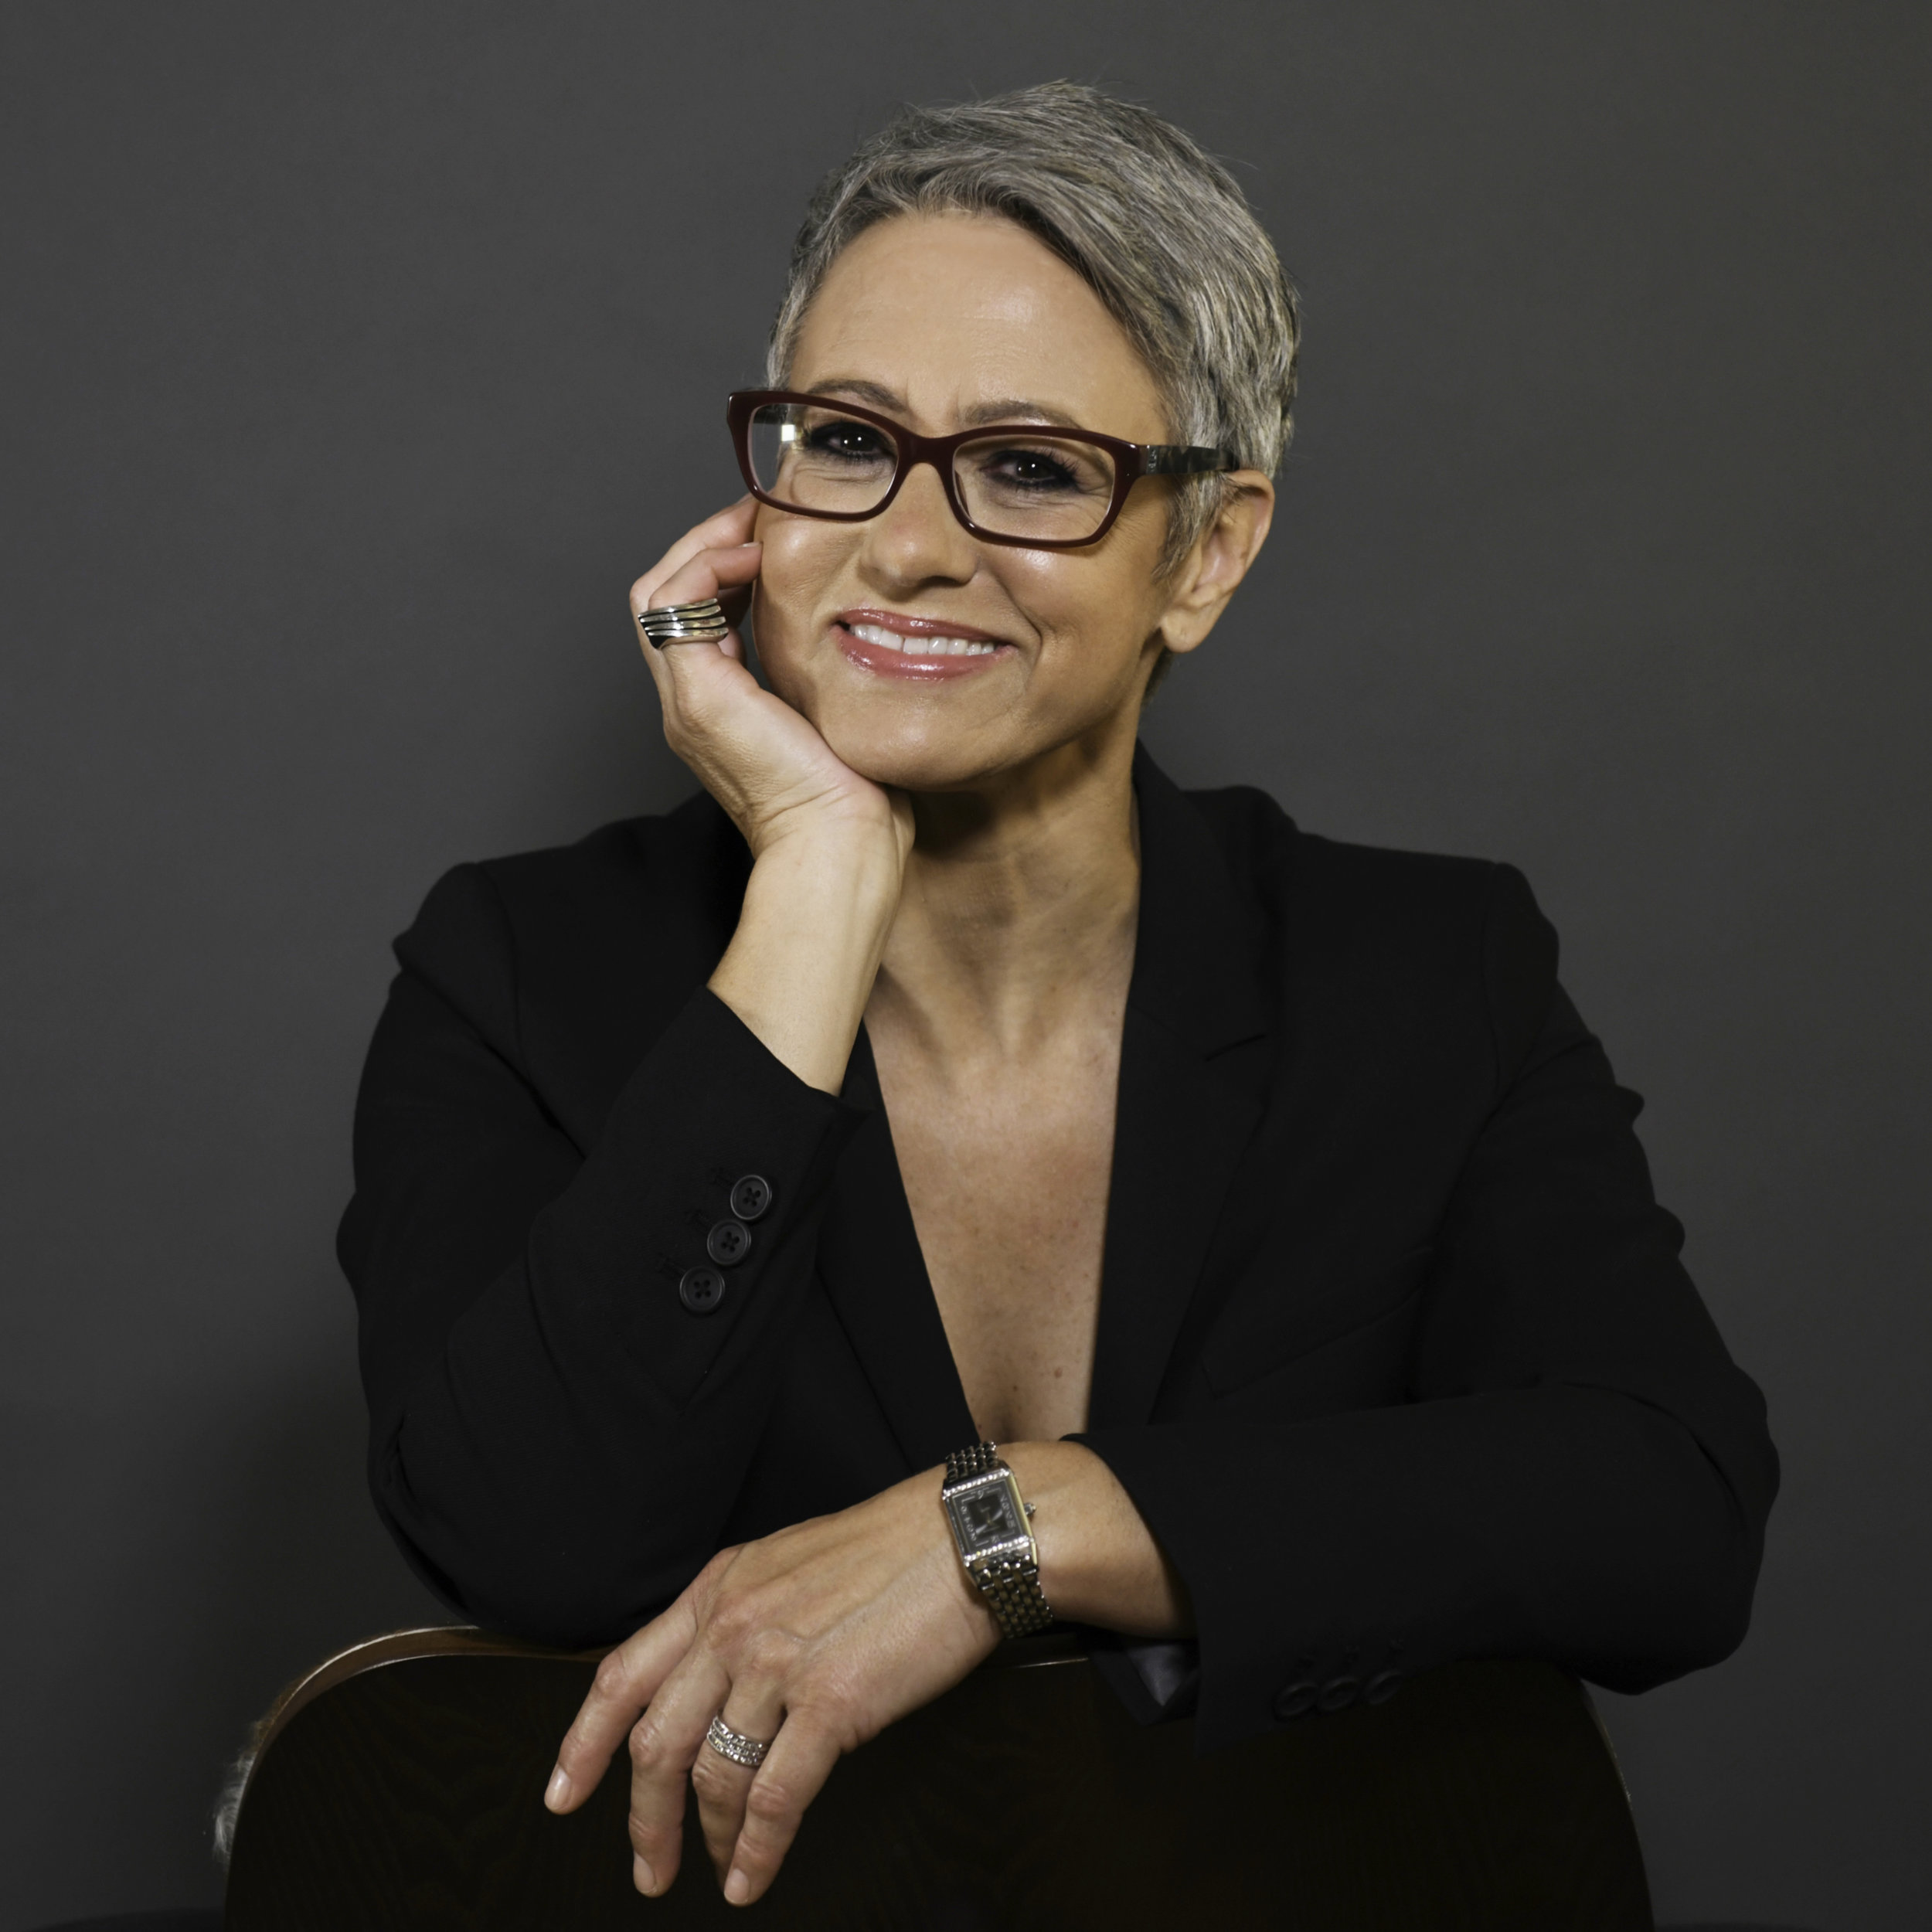 Nathalie Sampson - Owner & Designer